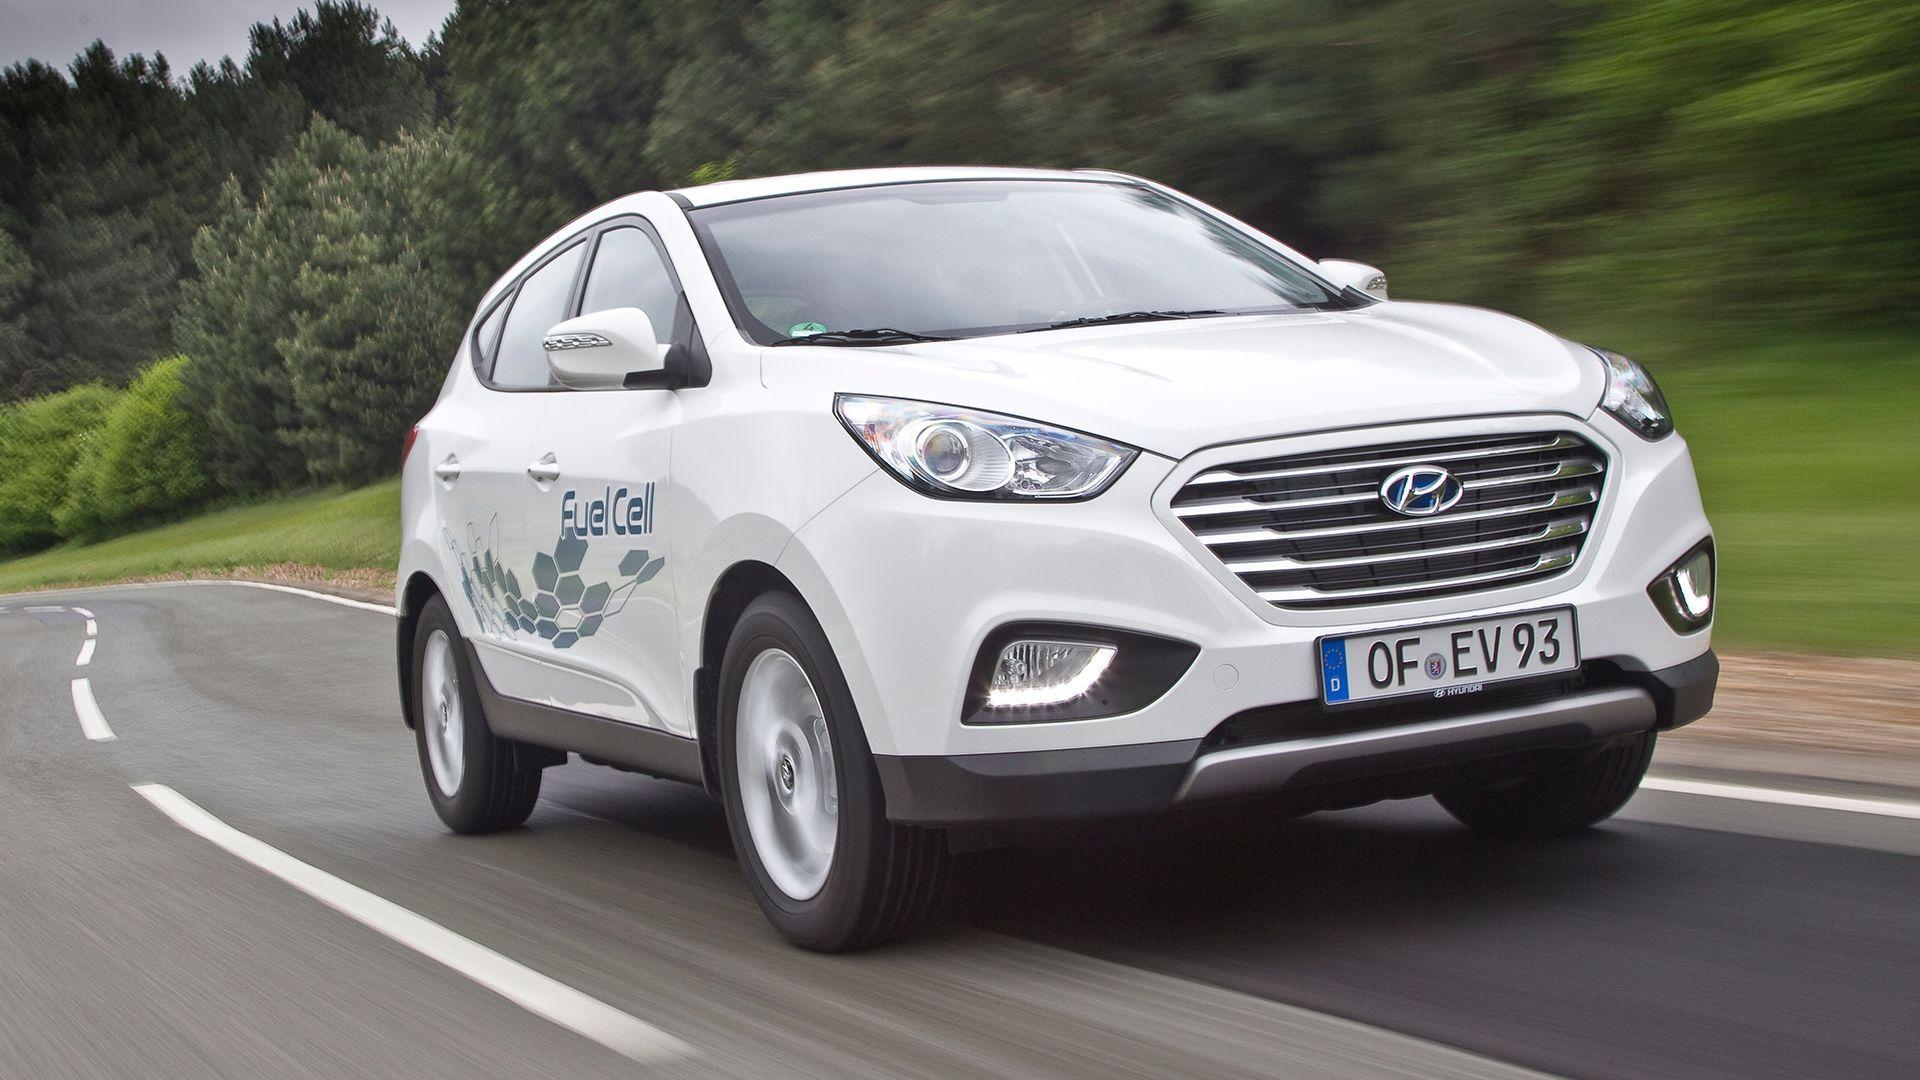 Hyundai ix35 Premium image